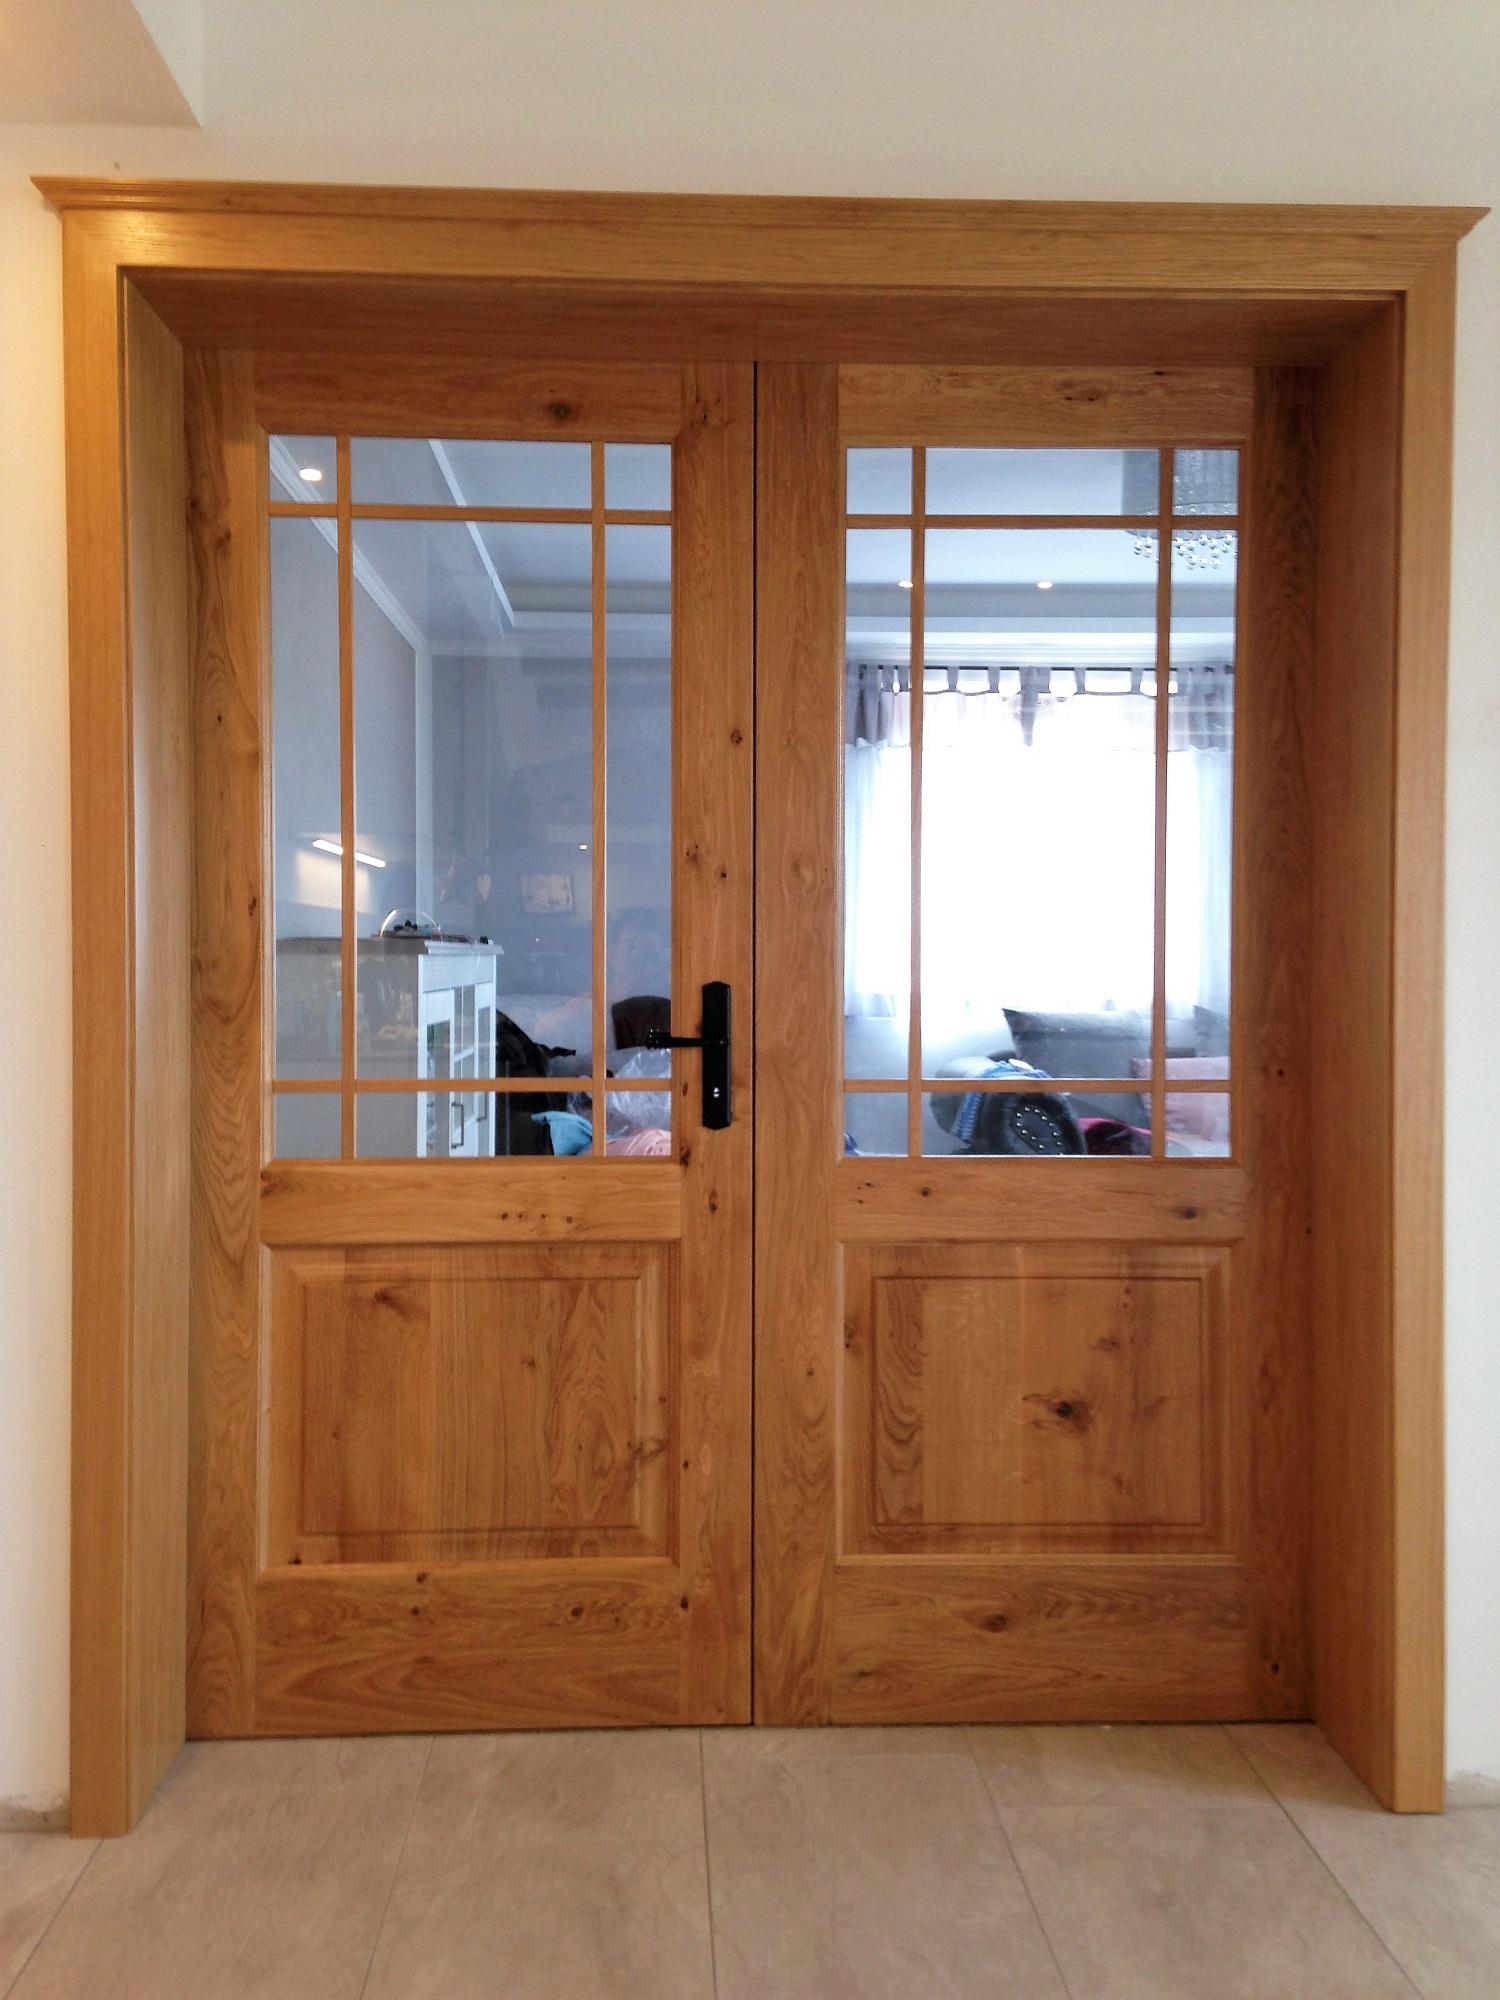 2 flüglige Zimmertüre in massiver Asteiche mit Füllung und Sprossen